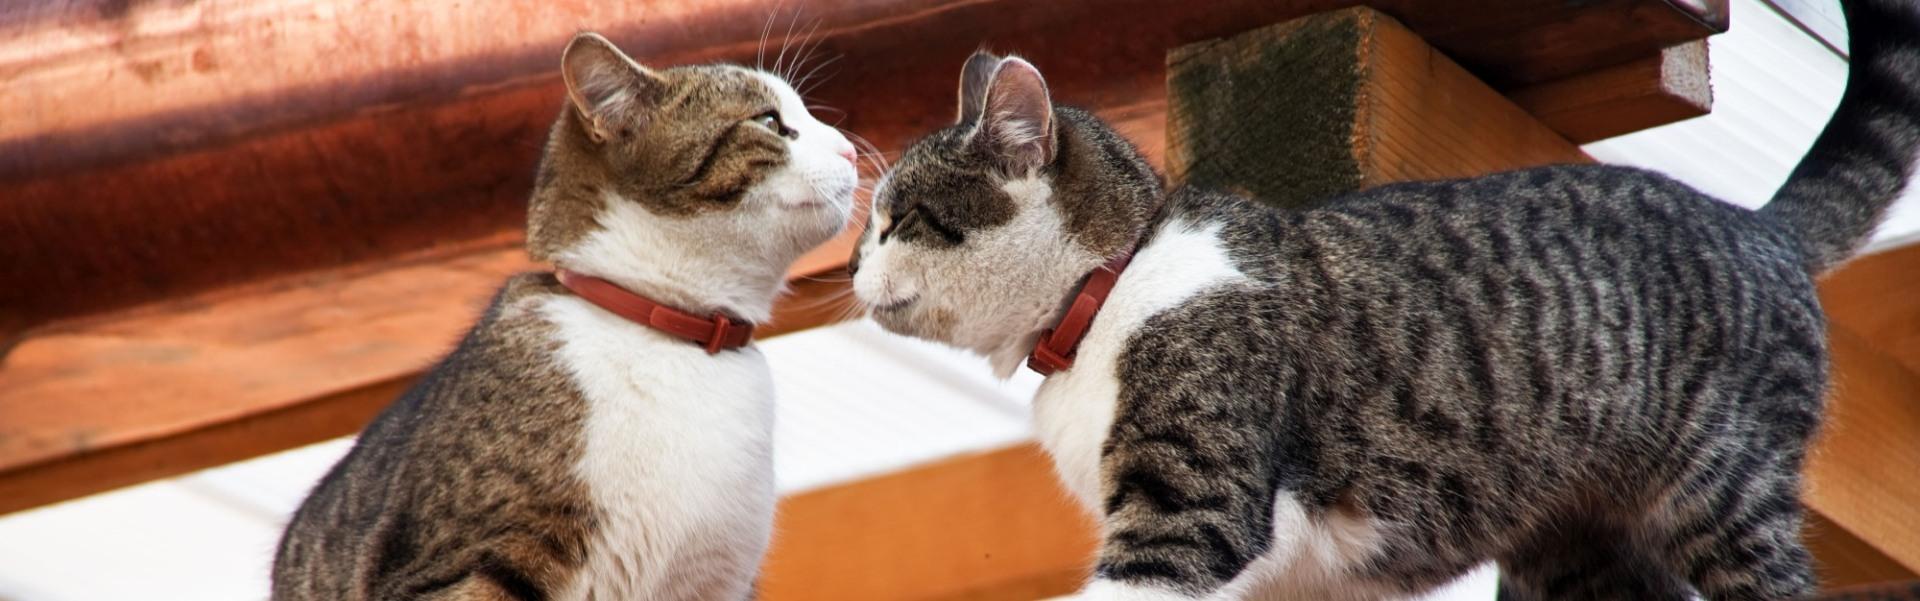 Motan sau pisică? Diferențele de personalitate între cele două sexe